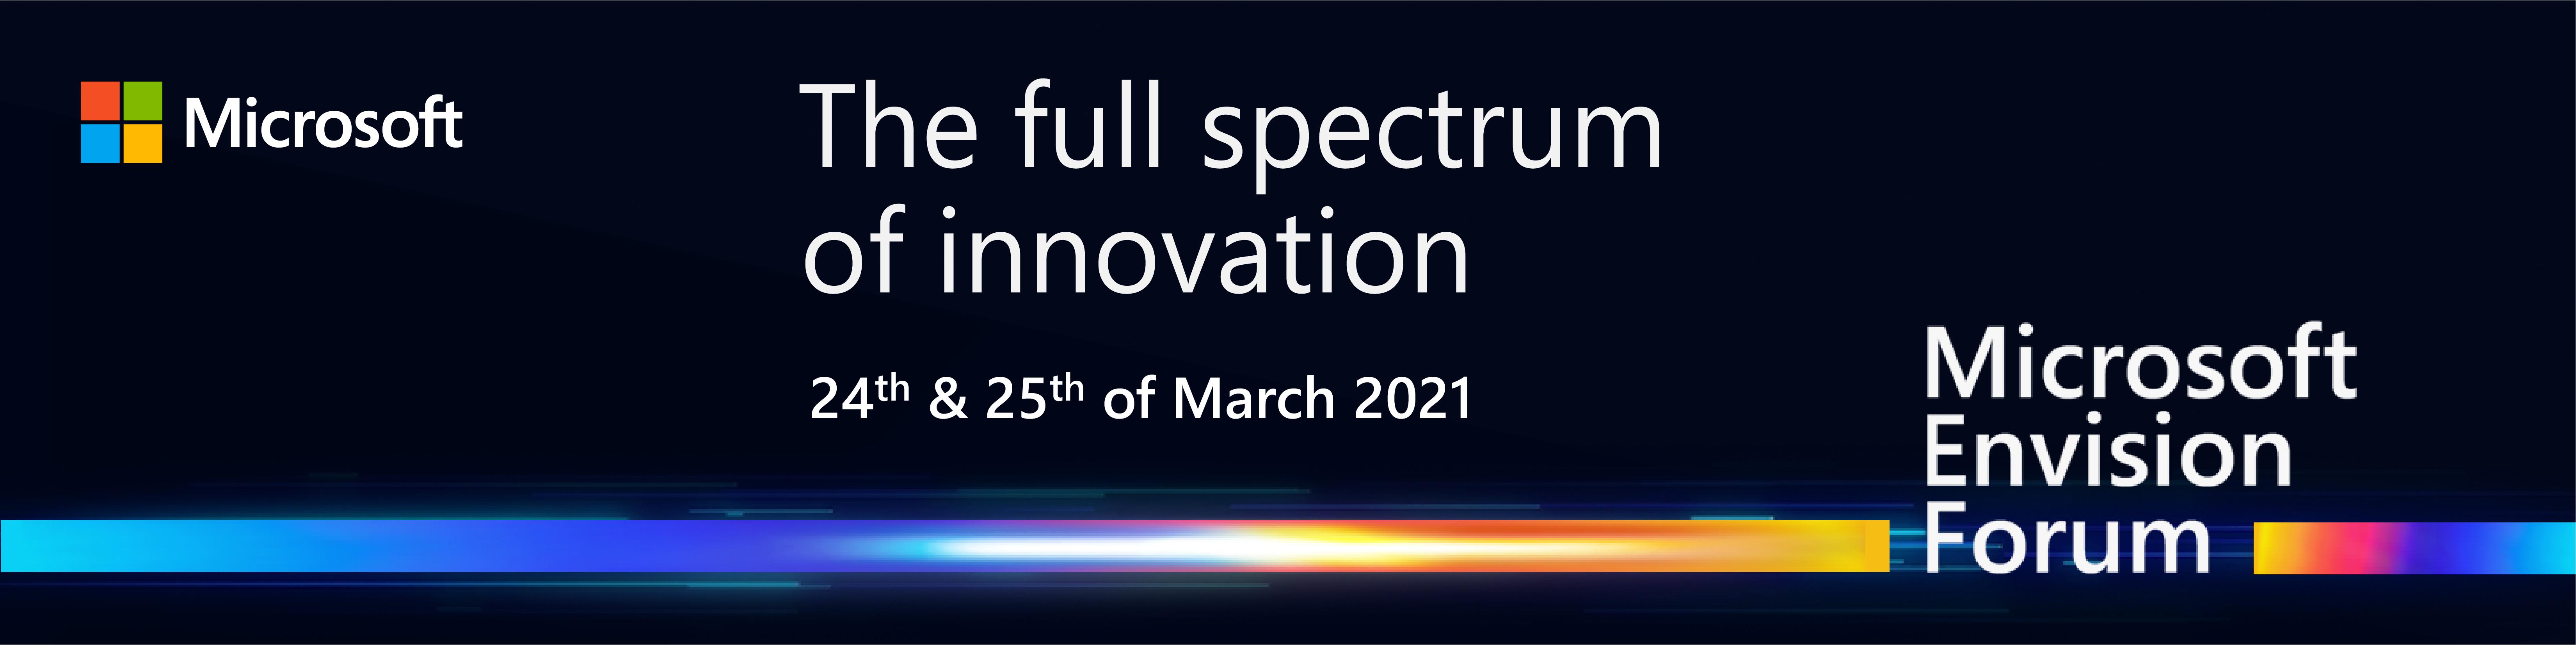 Microsoft Envision Forum 2021: totul despre inovație și transformare digitală